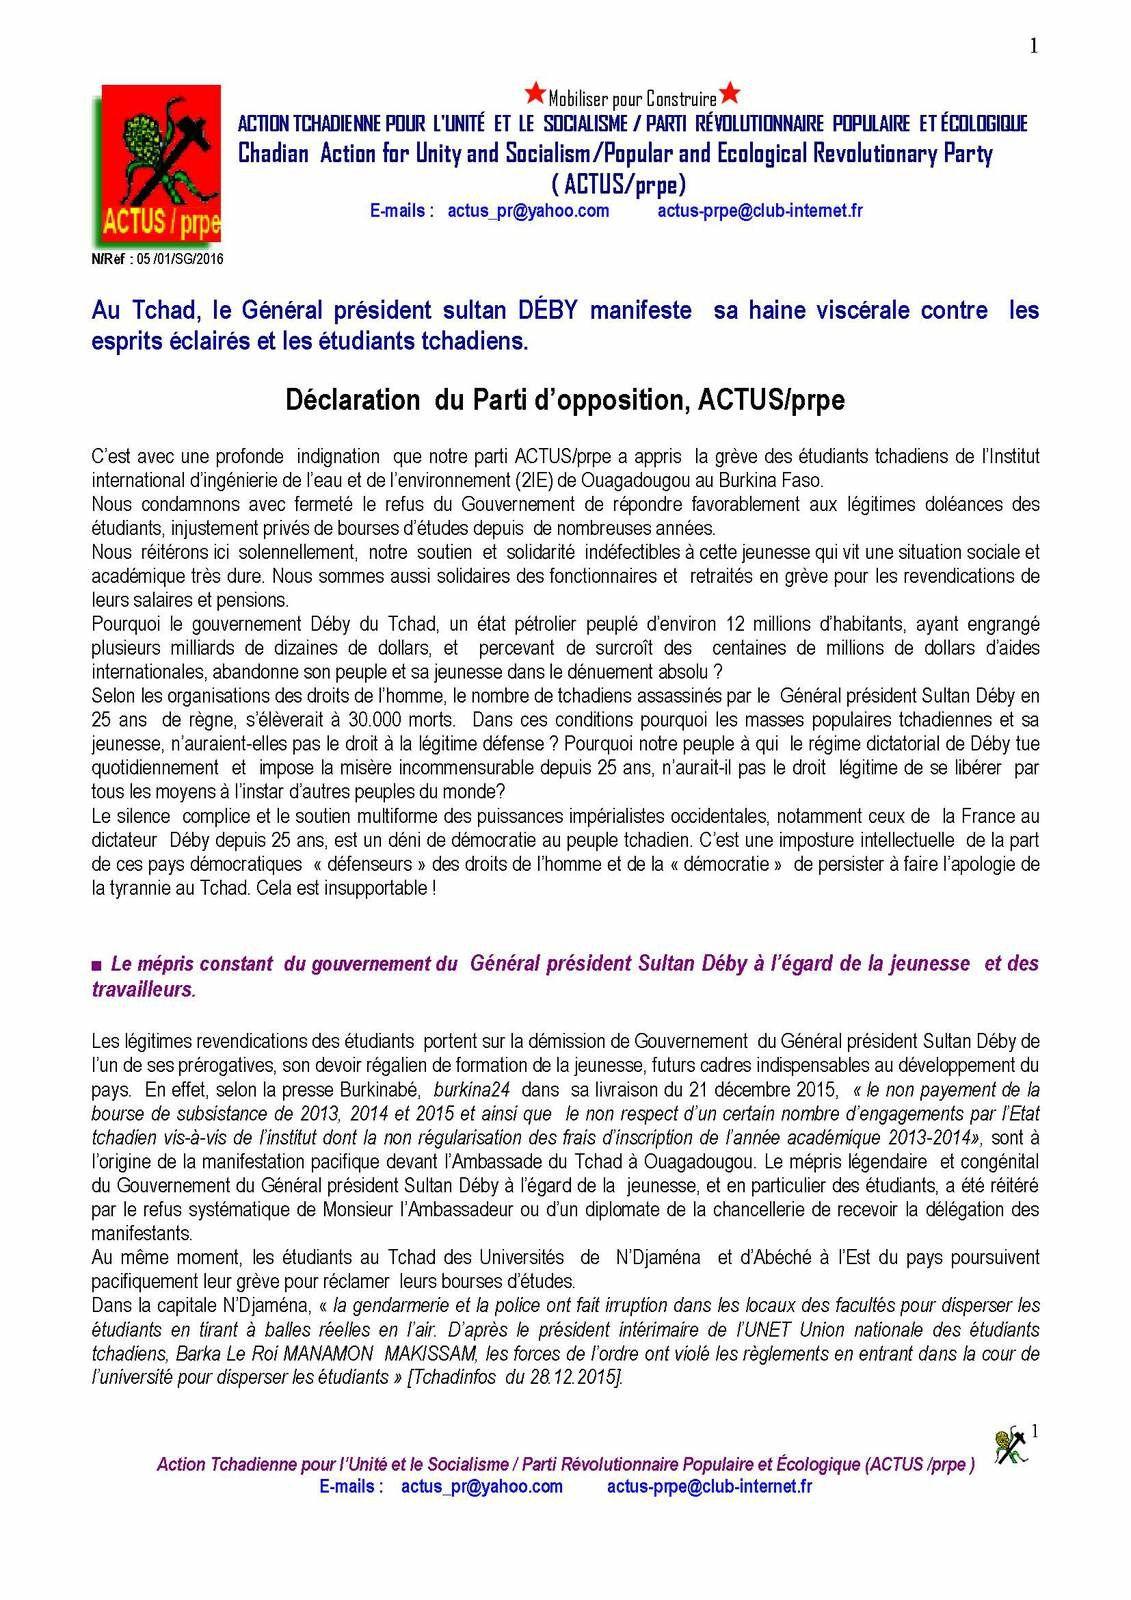 Tchad: l'ACTUS/prpe révolte contre la situation imposée aux étudiants tchadiens du Burkina